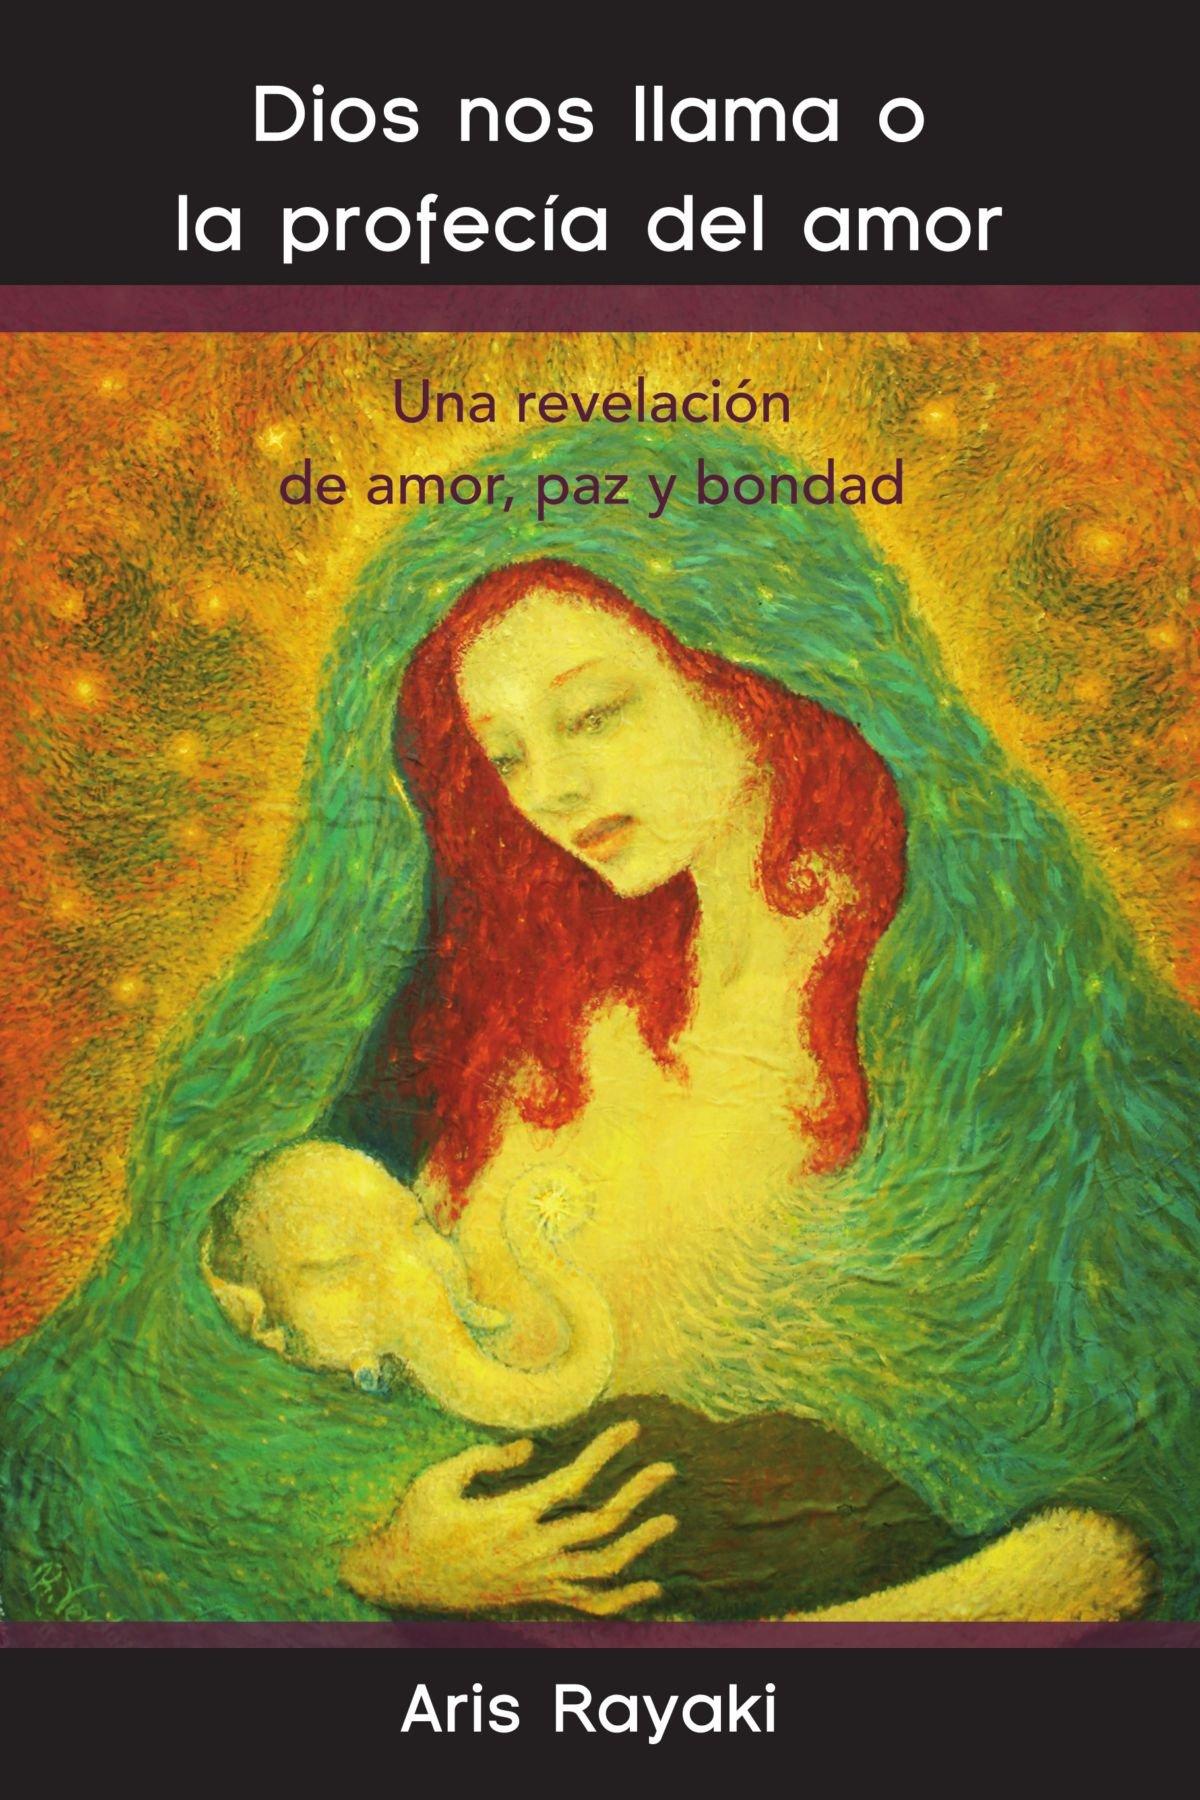 Dios nos llama o la profecía del amor: Una revelación de amor, paz y bondad (Spanish Edition) PDF